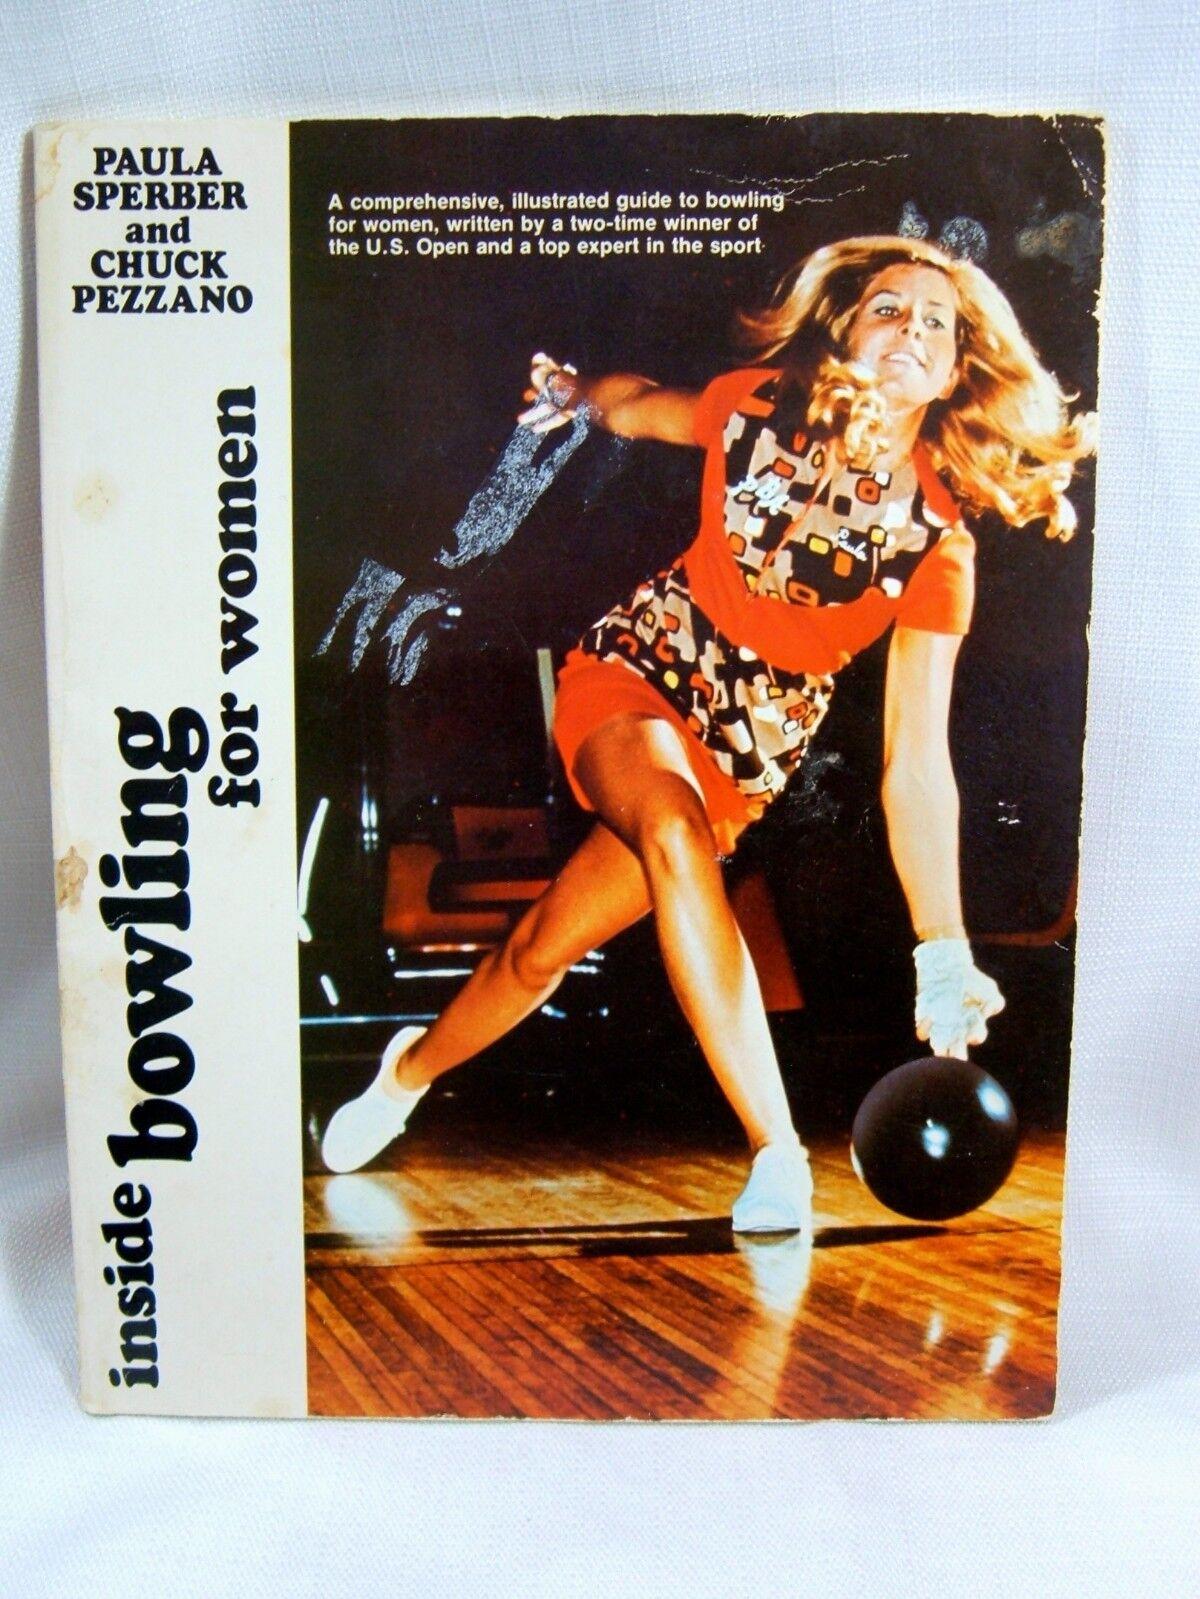 Inside Bowling for Women Book Retro Sperber Pezzano Pins Bowl Ball PB 1977